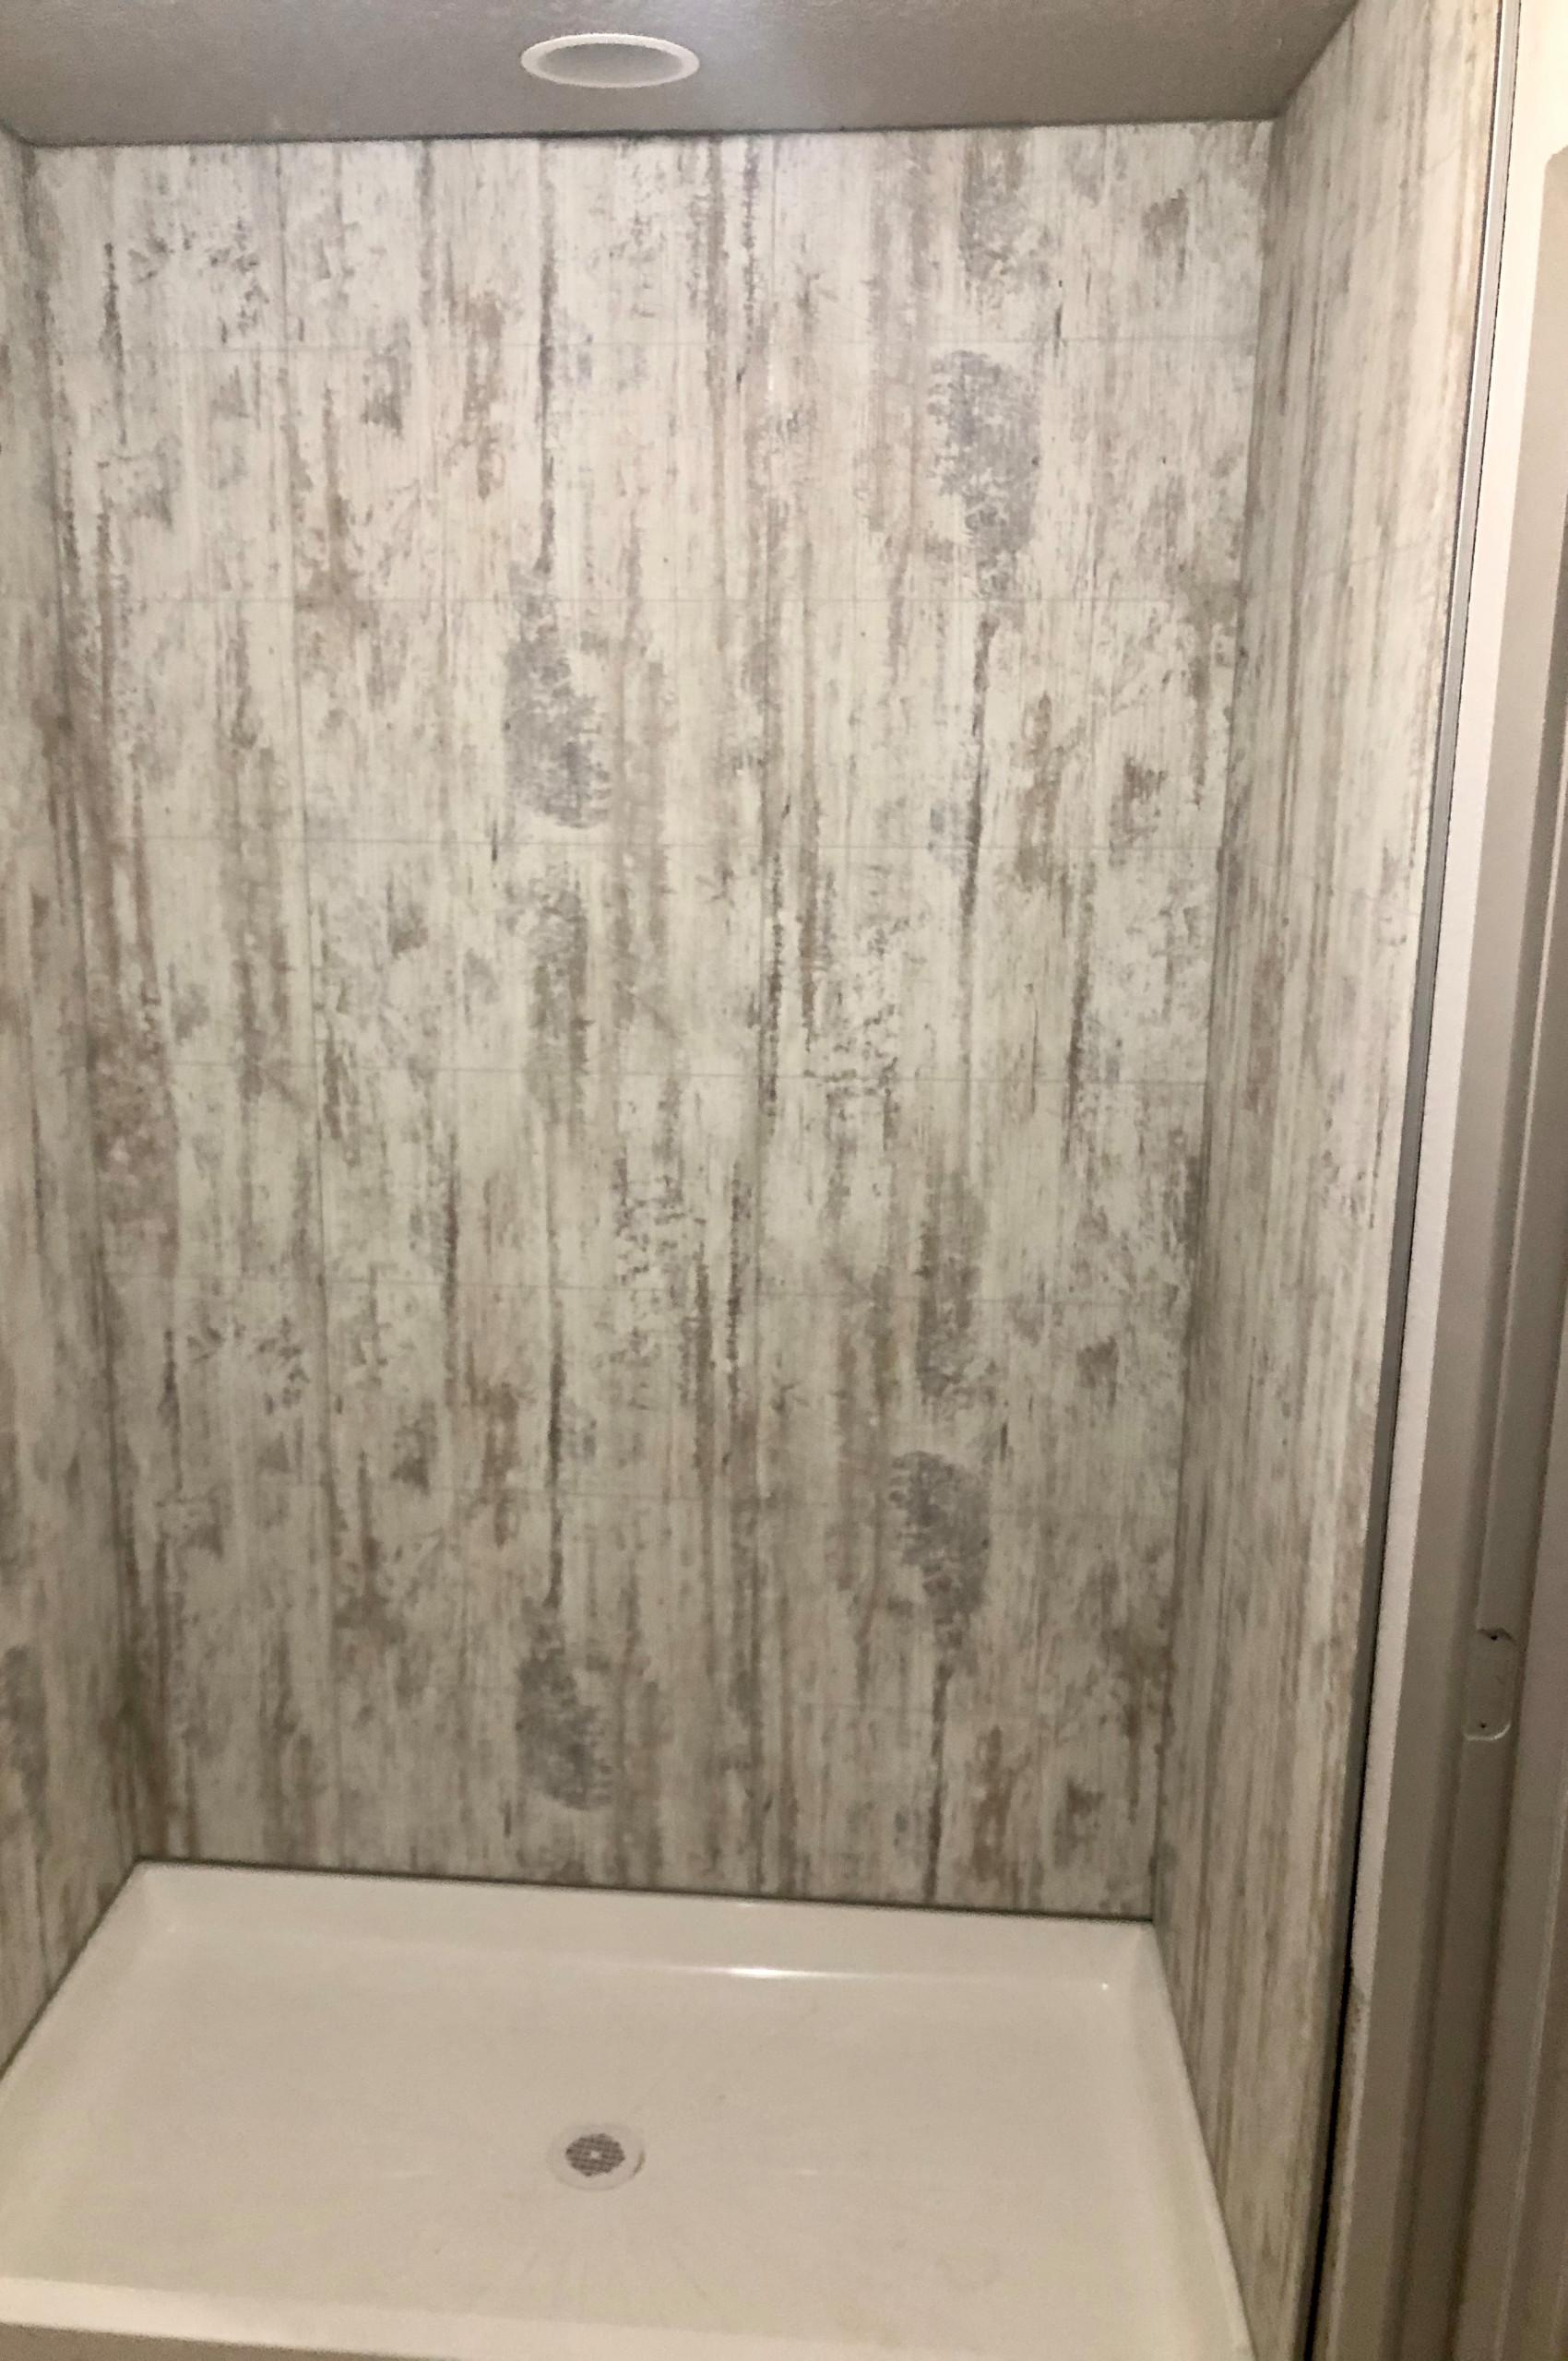 FIBO - Shower/Tub Wall Panels